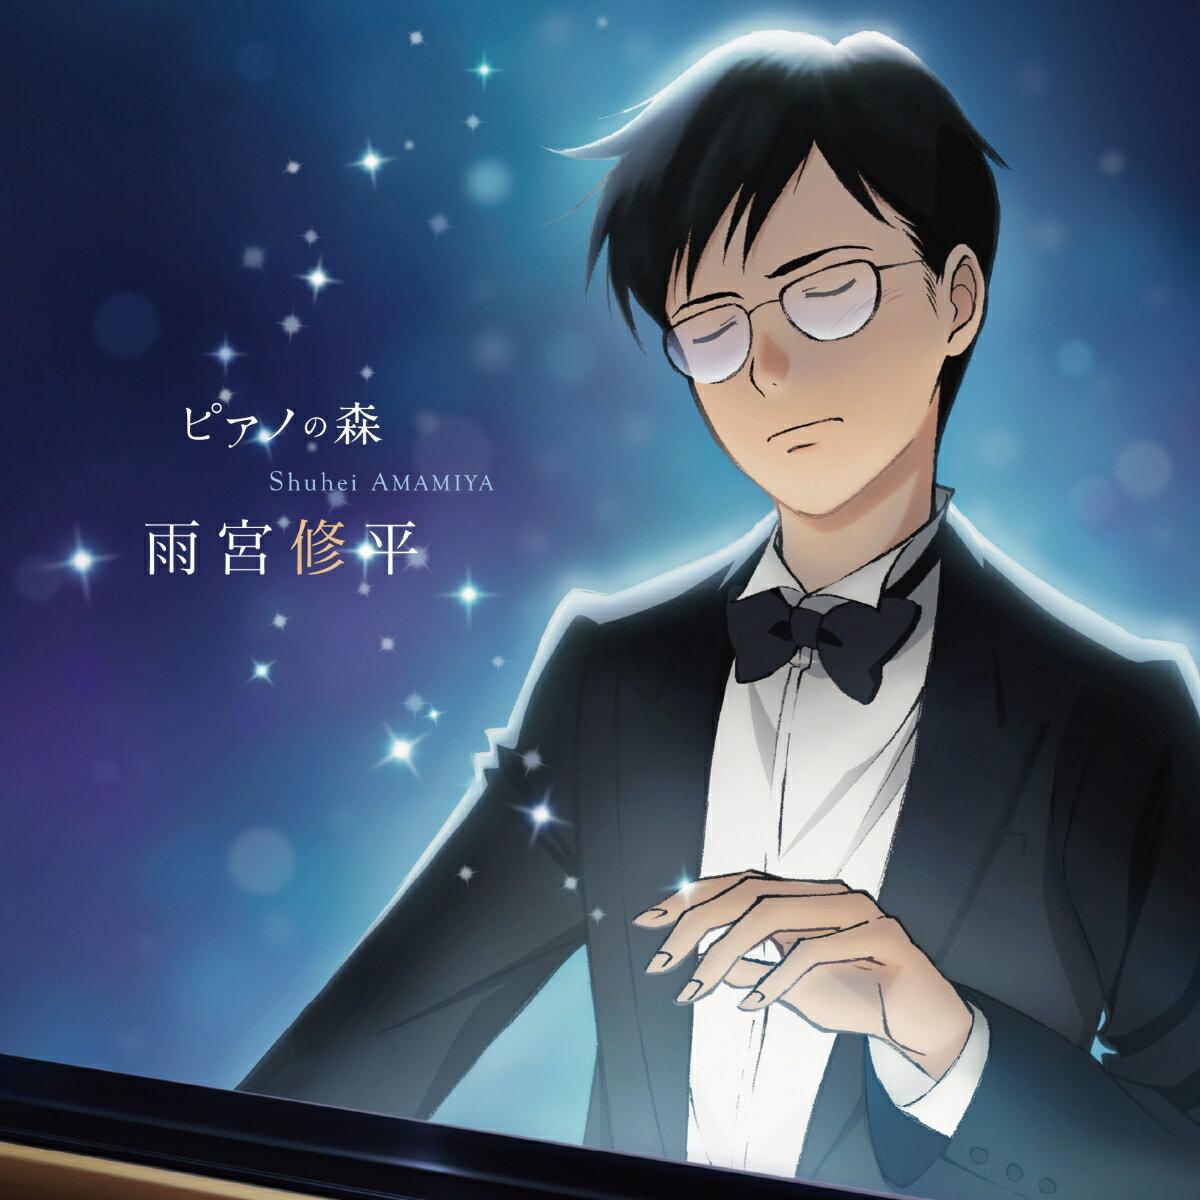 【先着特典】「ピアノの森」雨宮修平(仮) (ポストカード付き) [ (クラシック) ]